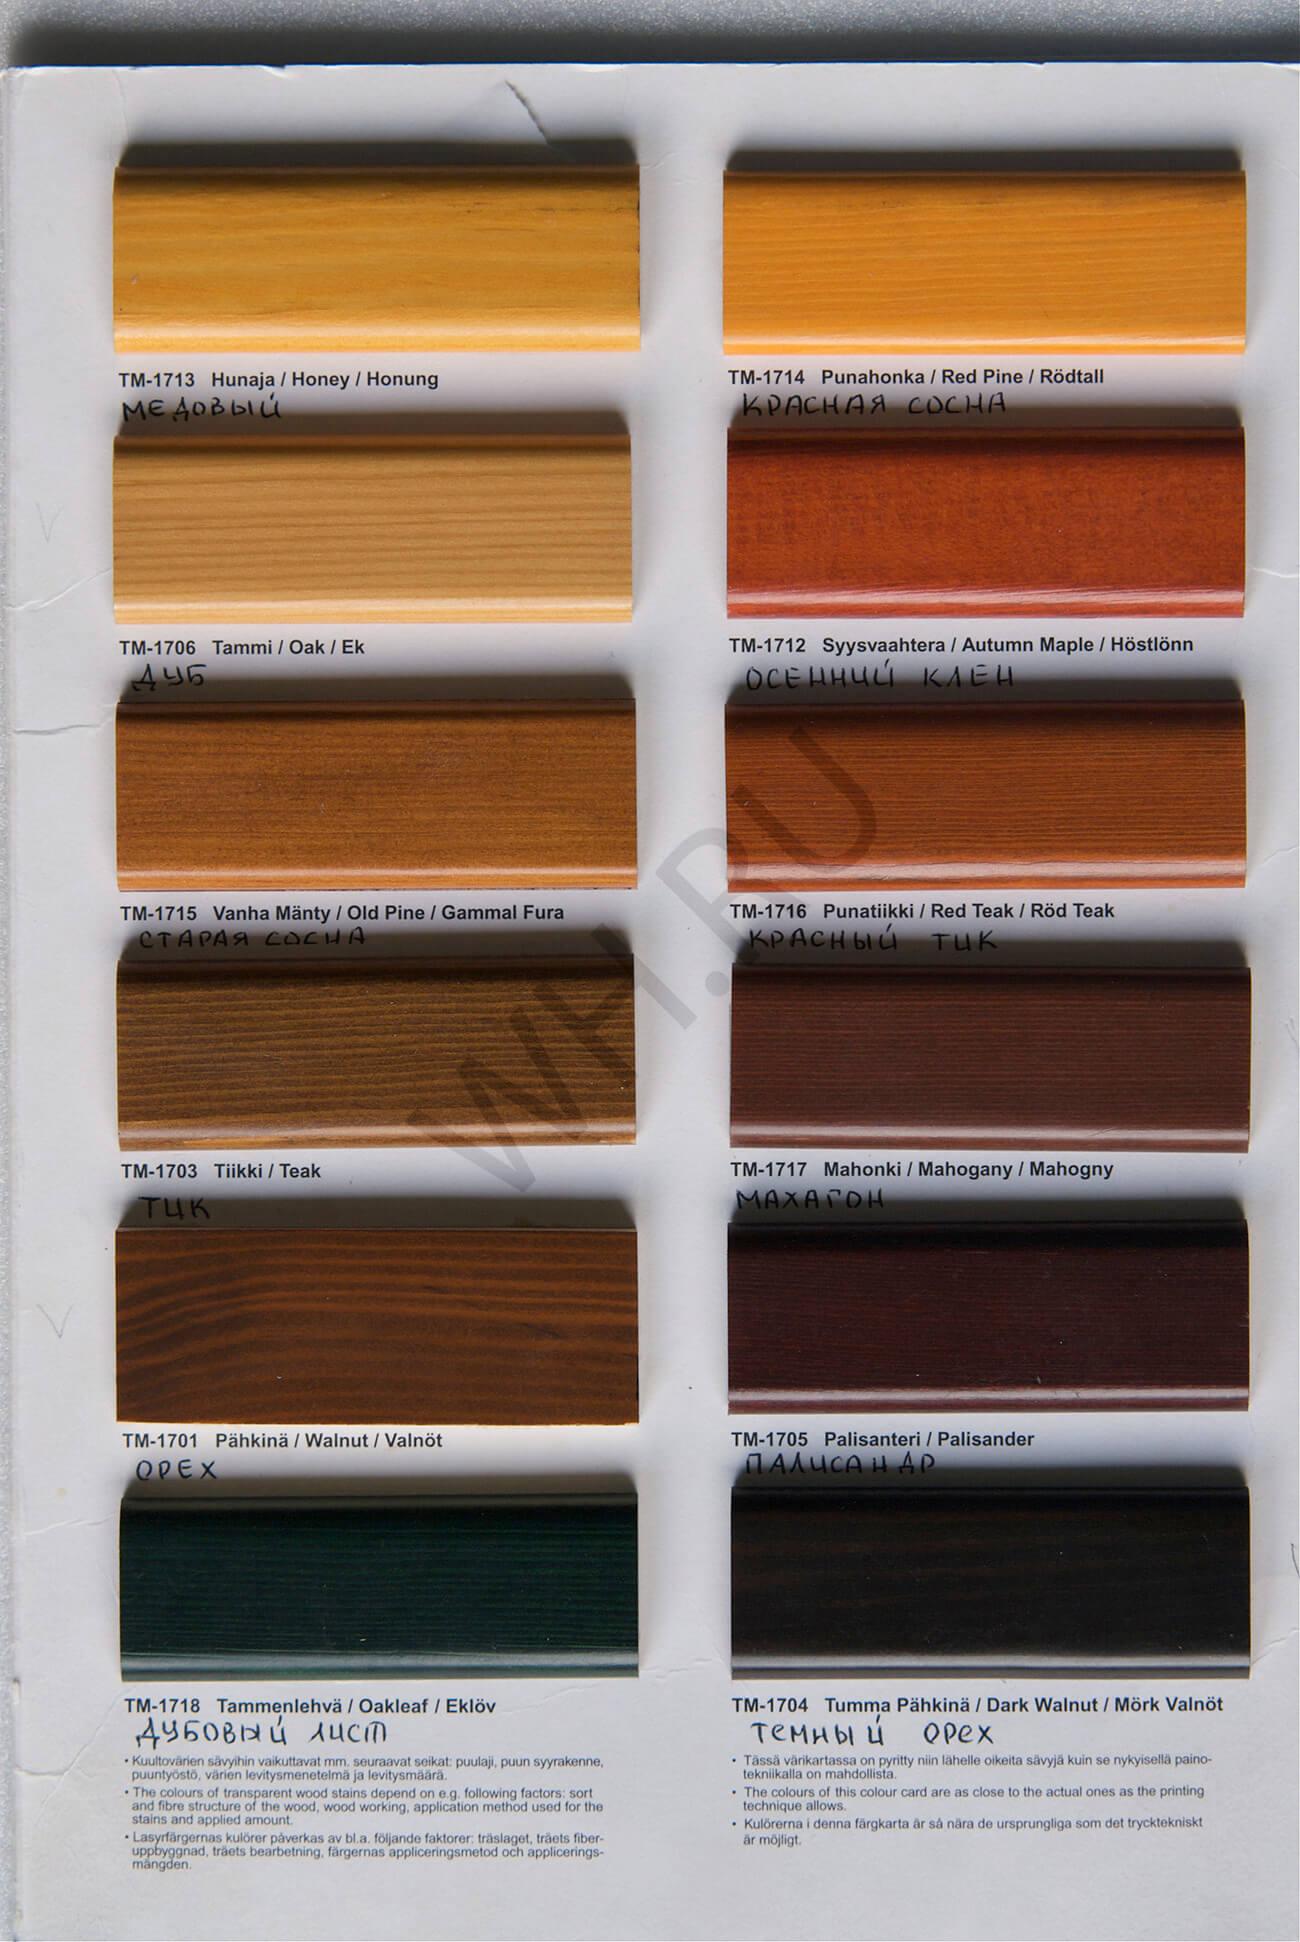 лессирующие покрытия различных оттенков